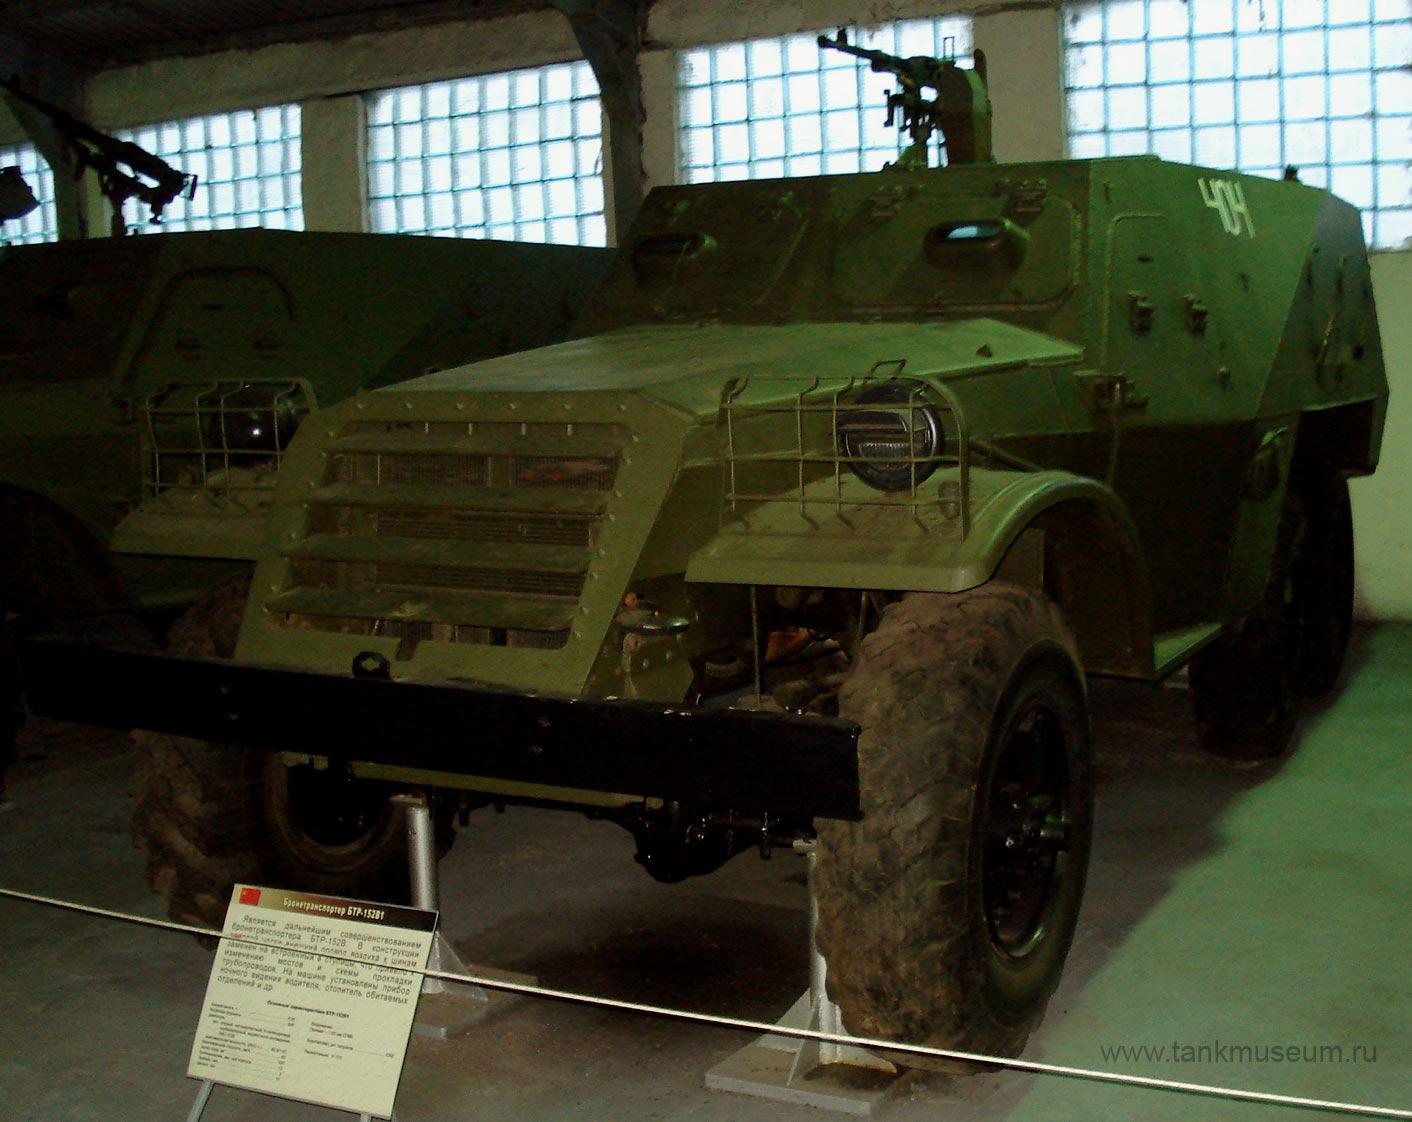 советский бронетранспортер БТР-152 В1, танковый музей в Кубинке